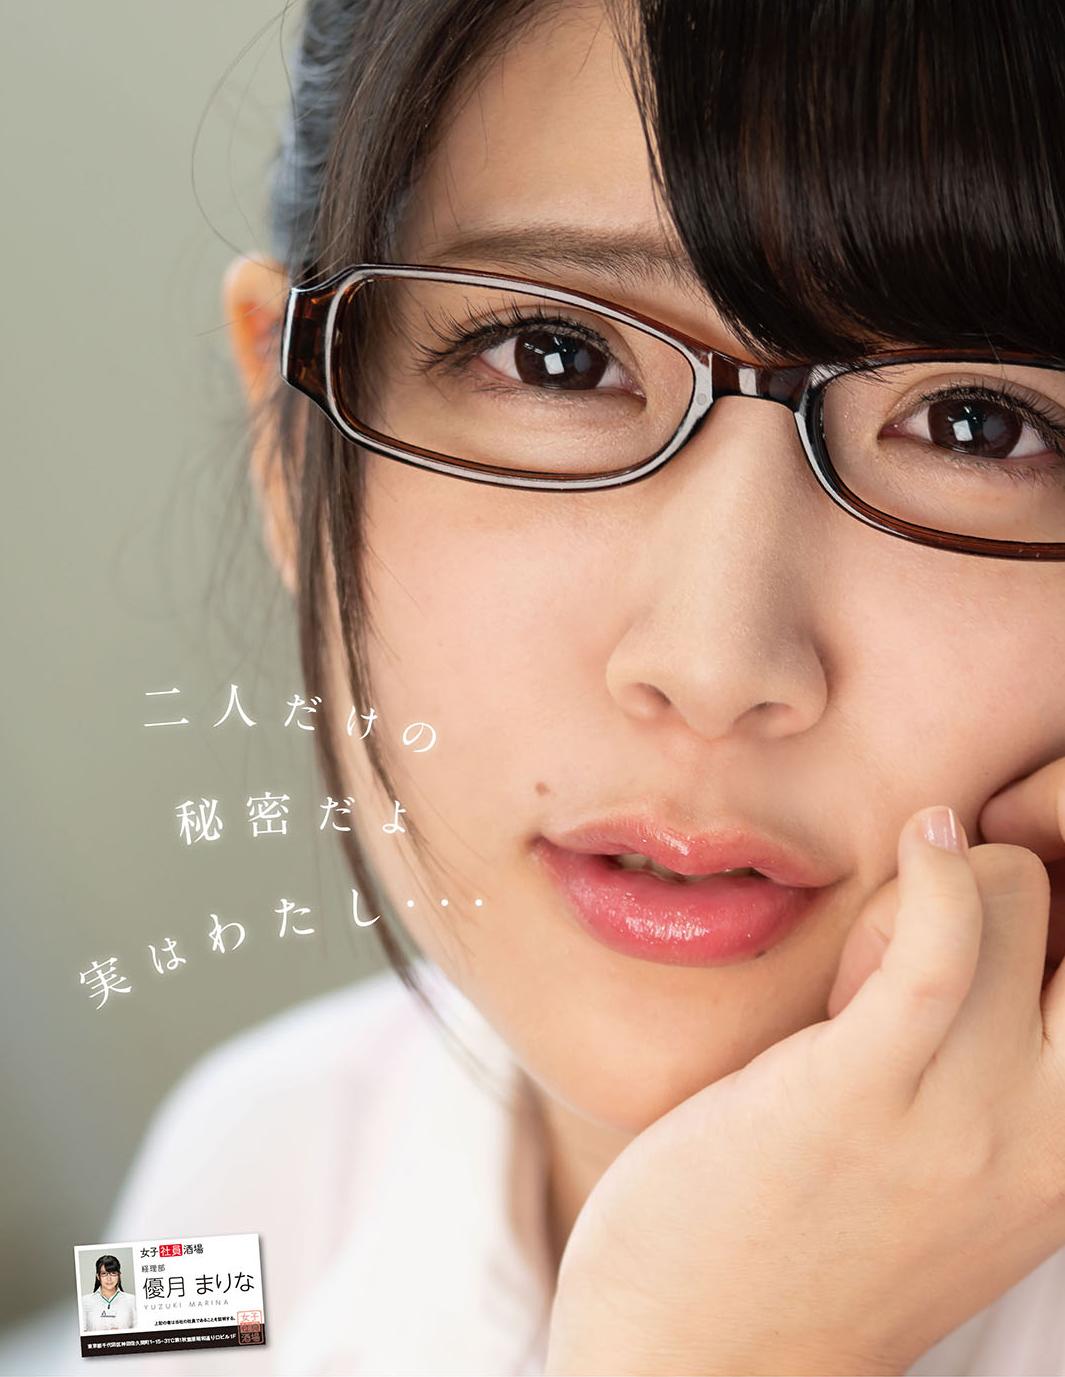 jss_hisohiso